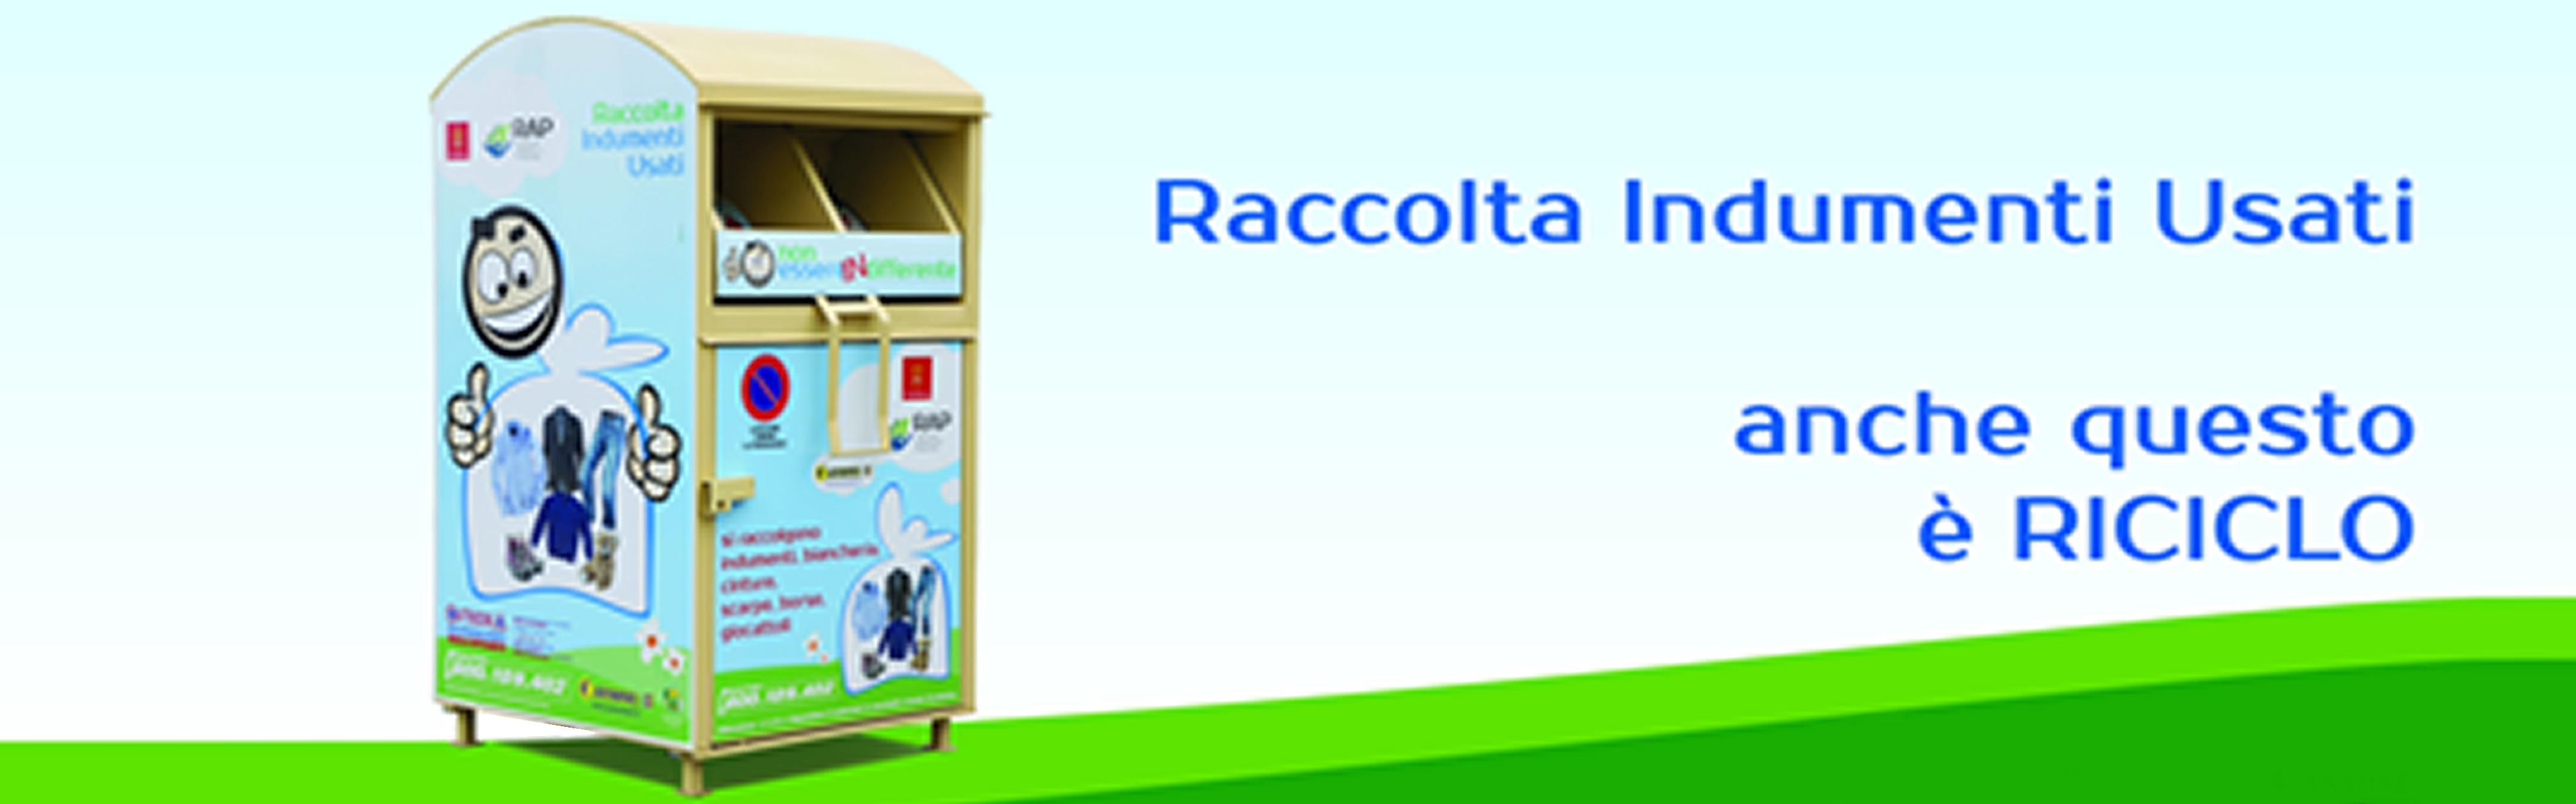 Top Indumenti e accessori usati – giocattoli | RAP Palermo VC92